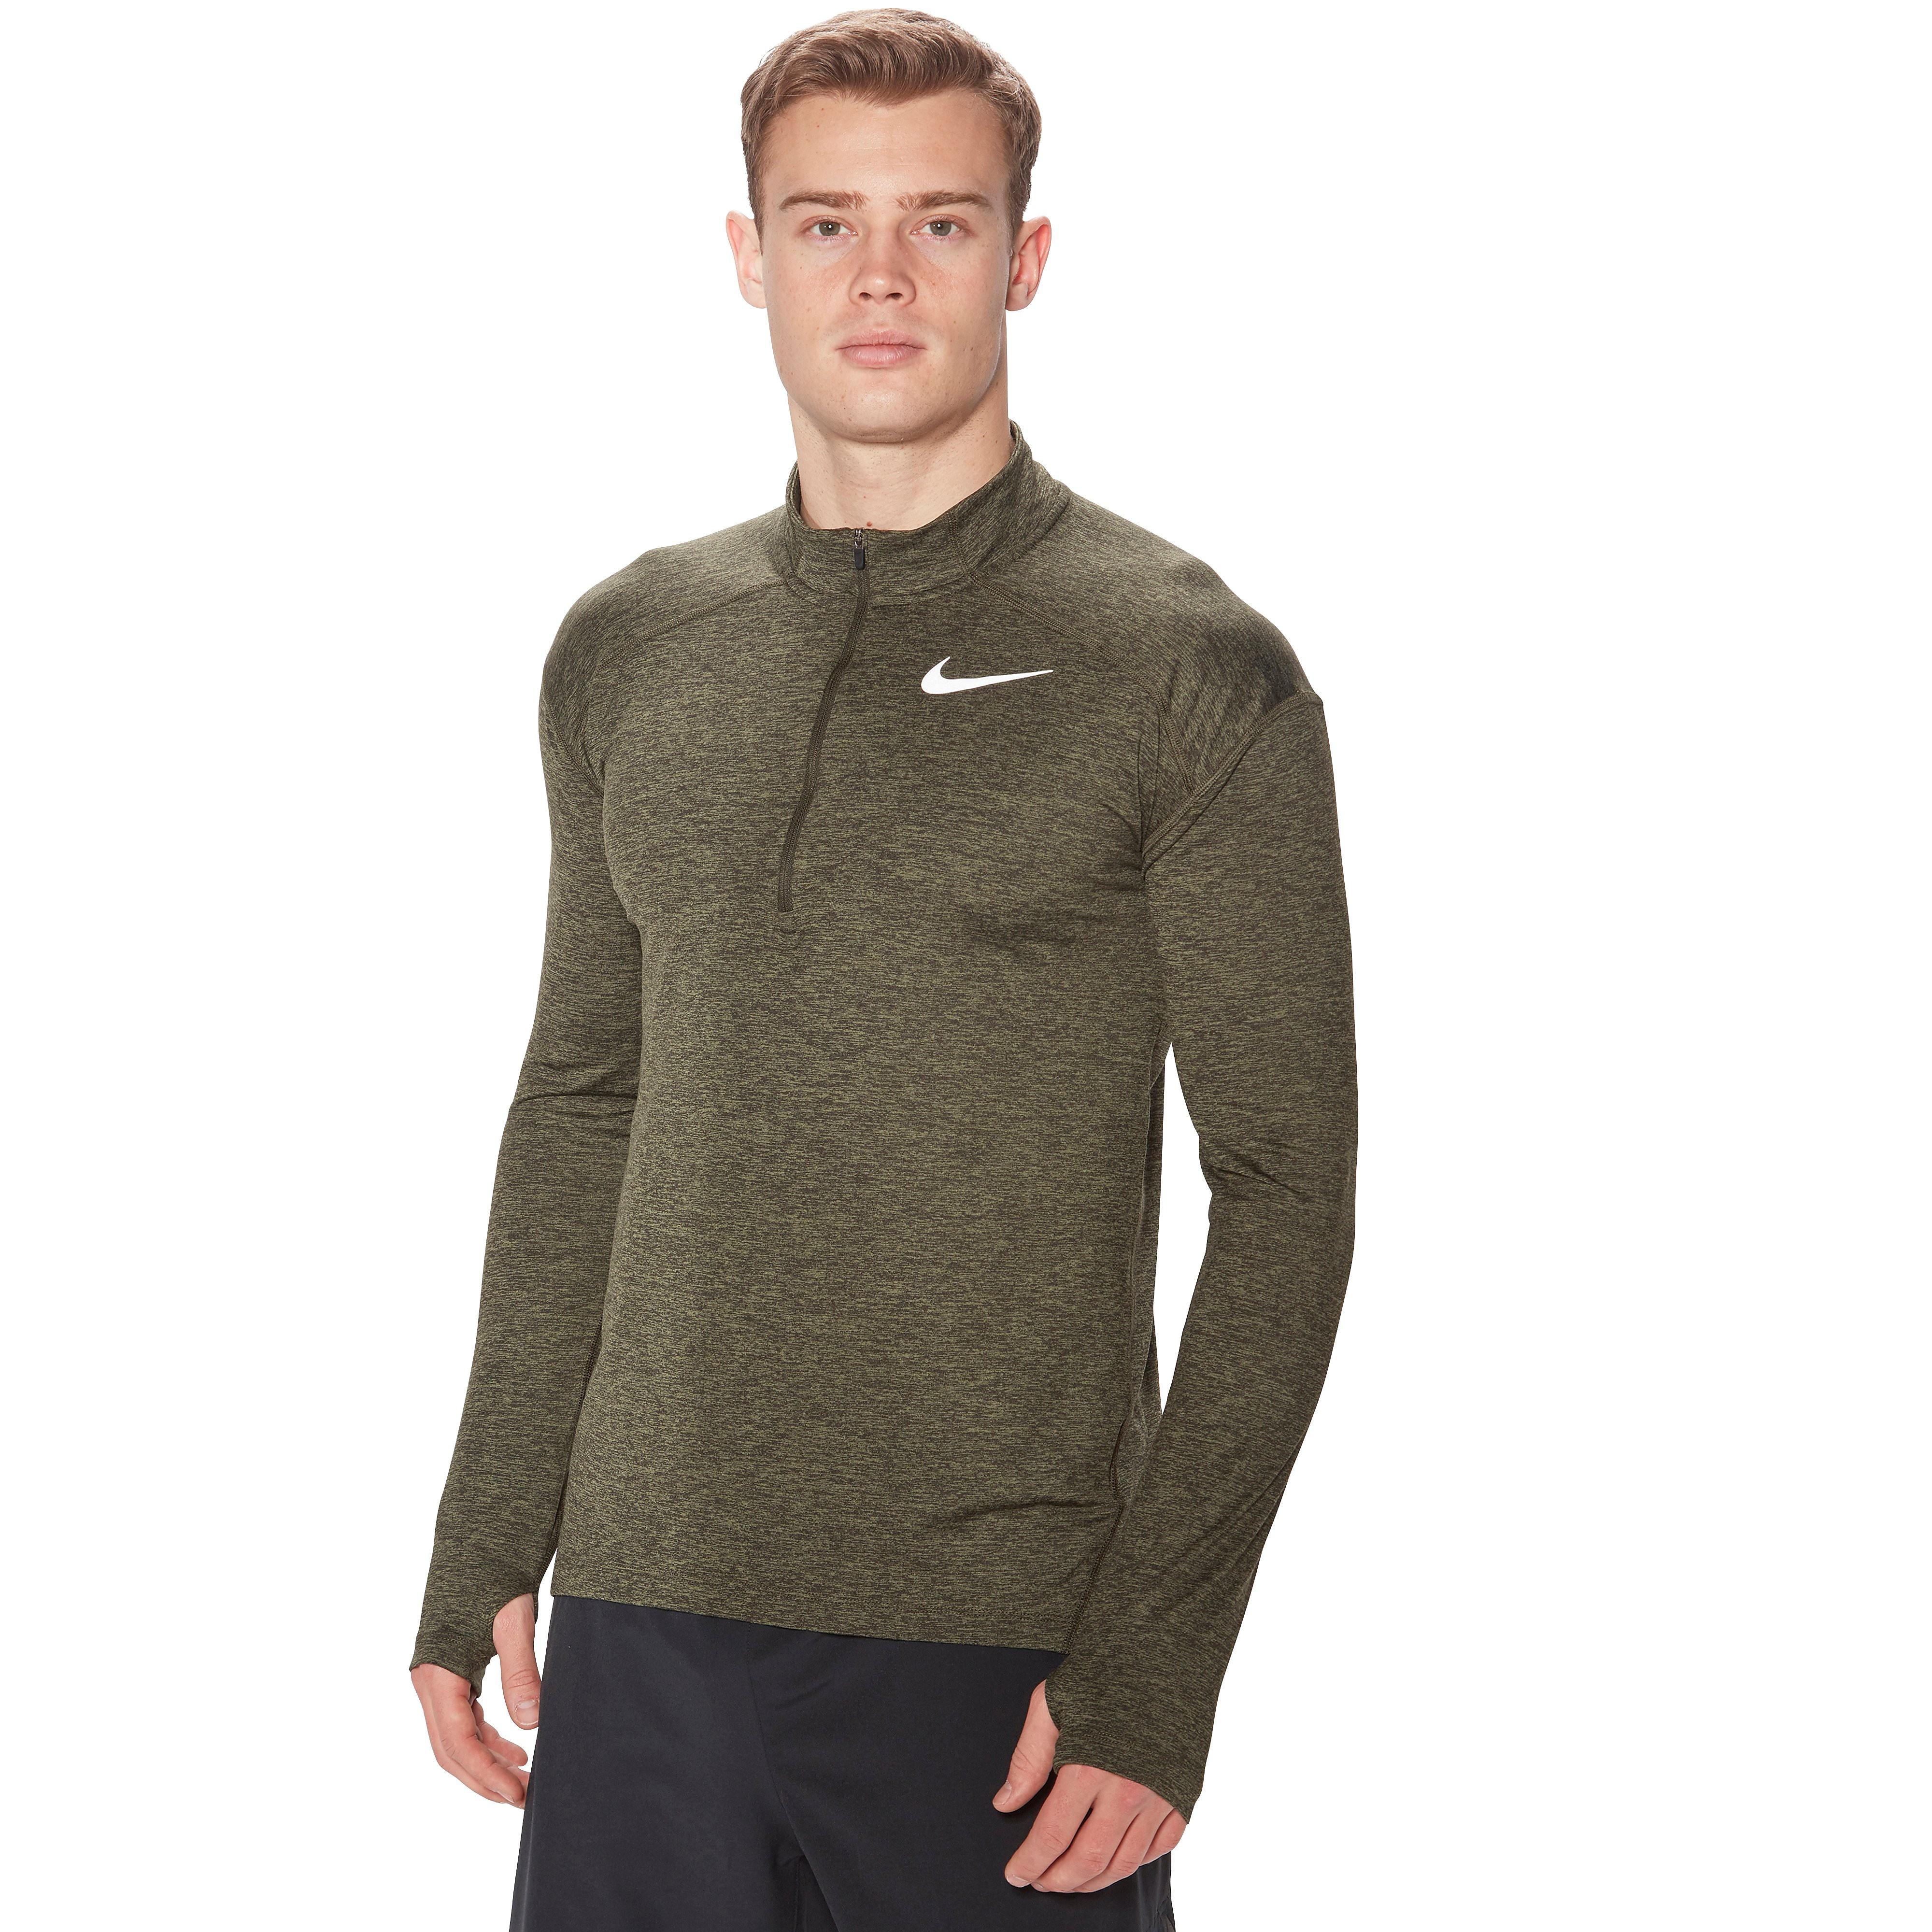 Nike Dry Element ½ Zip Men's Running Top